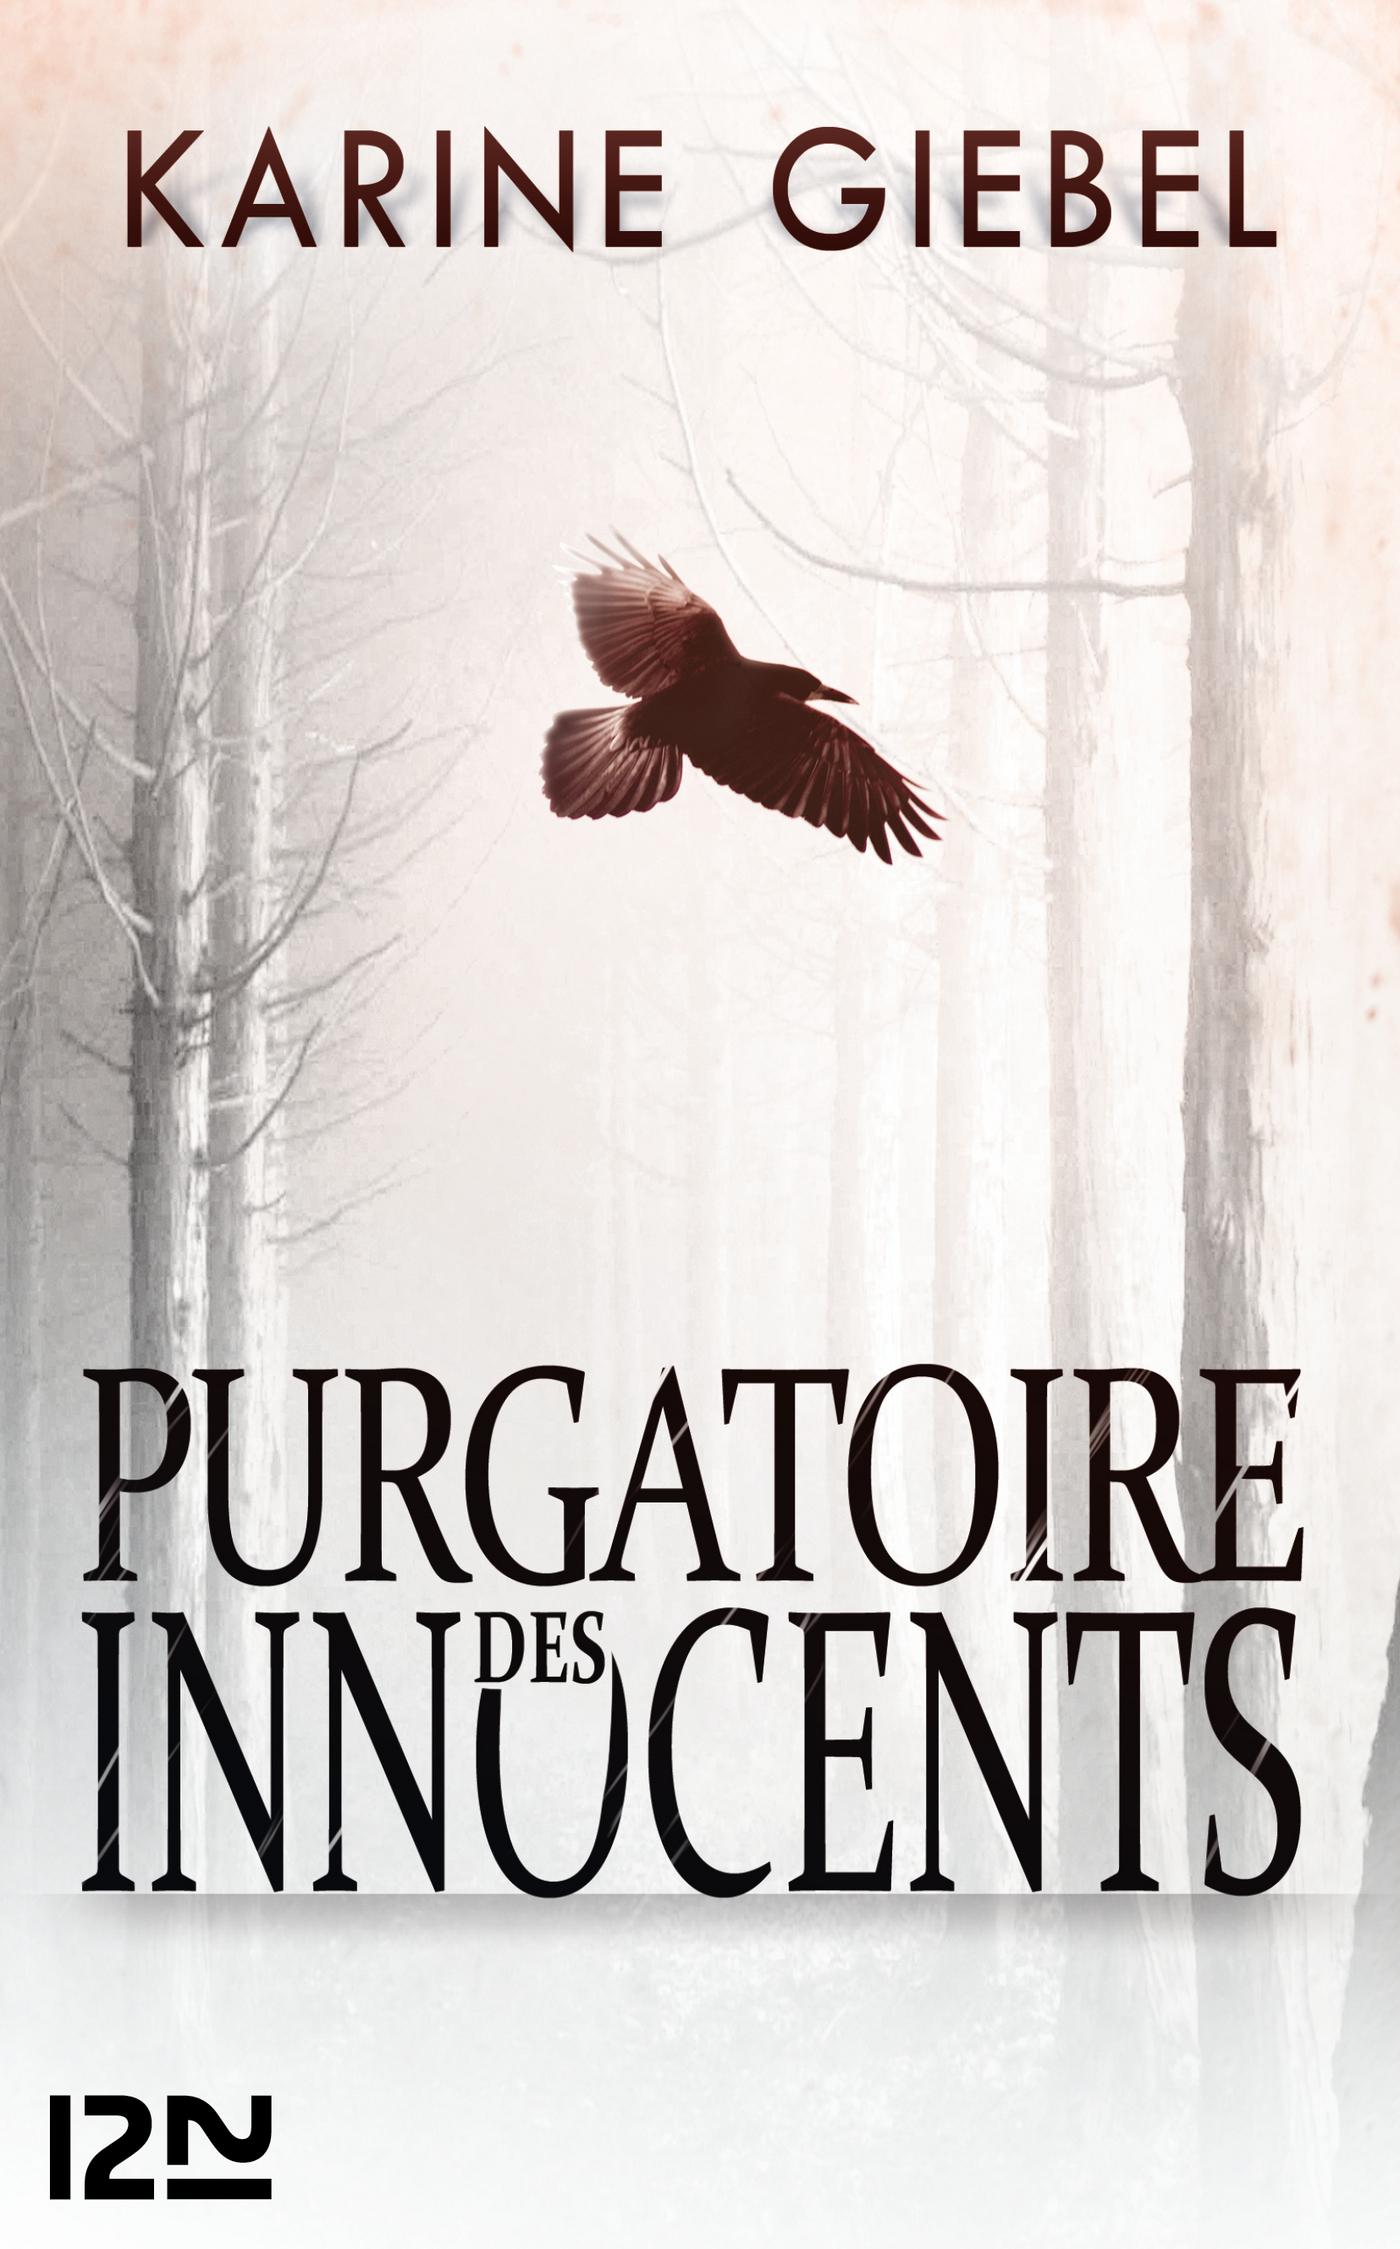 Purgatoire des innocents | GIEBEL, Karine